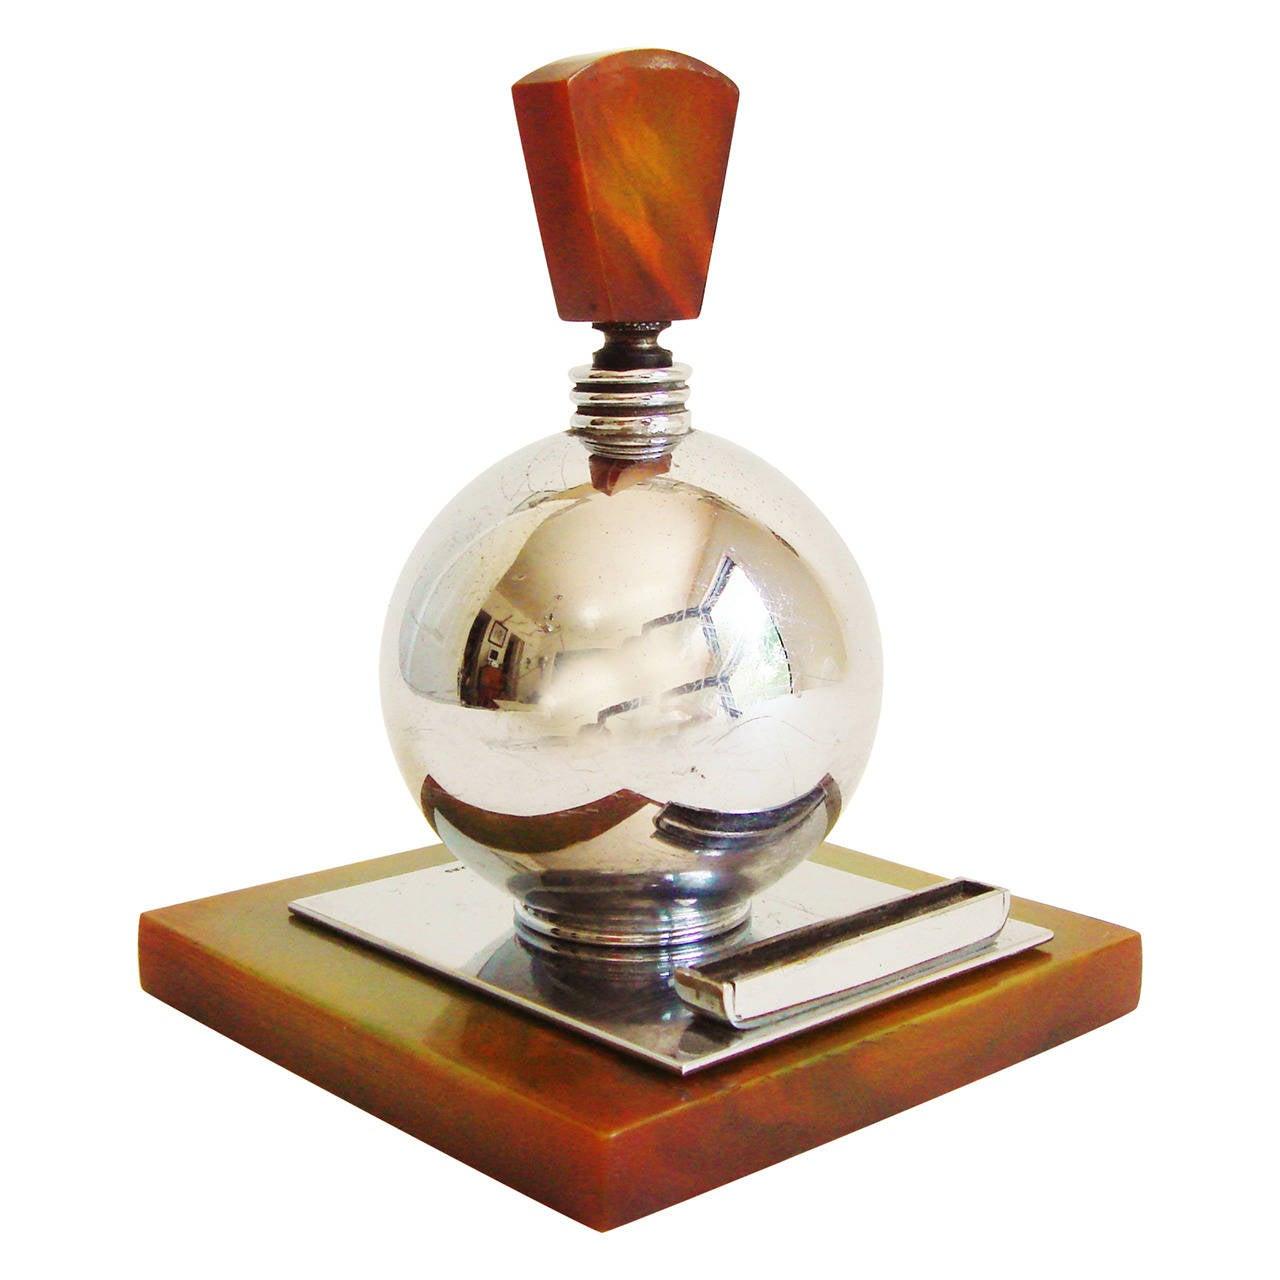 Rare English Art Deco Chrome and Bakelite Spherical Striker Table Lighter